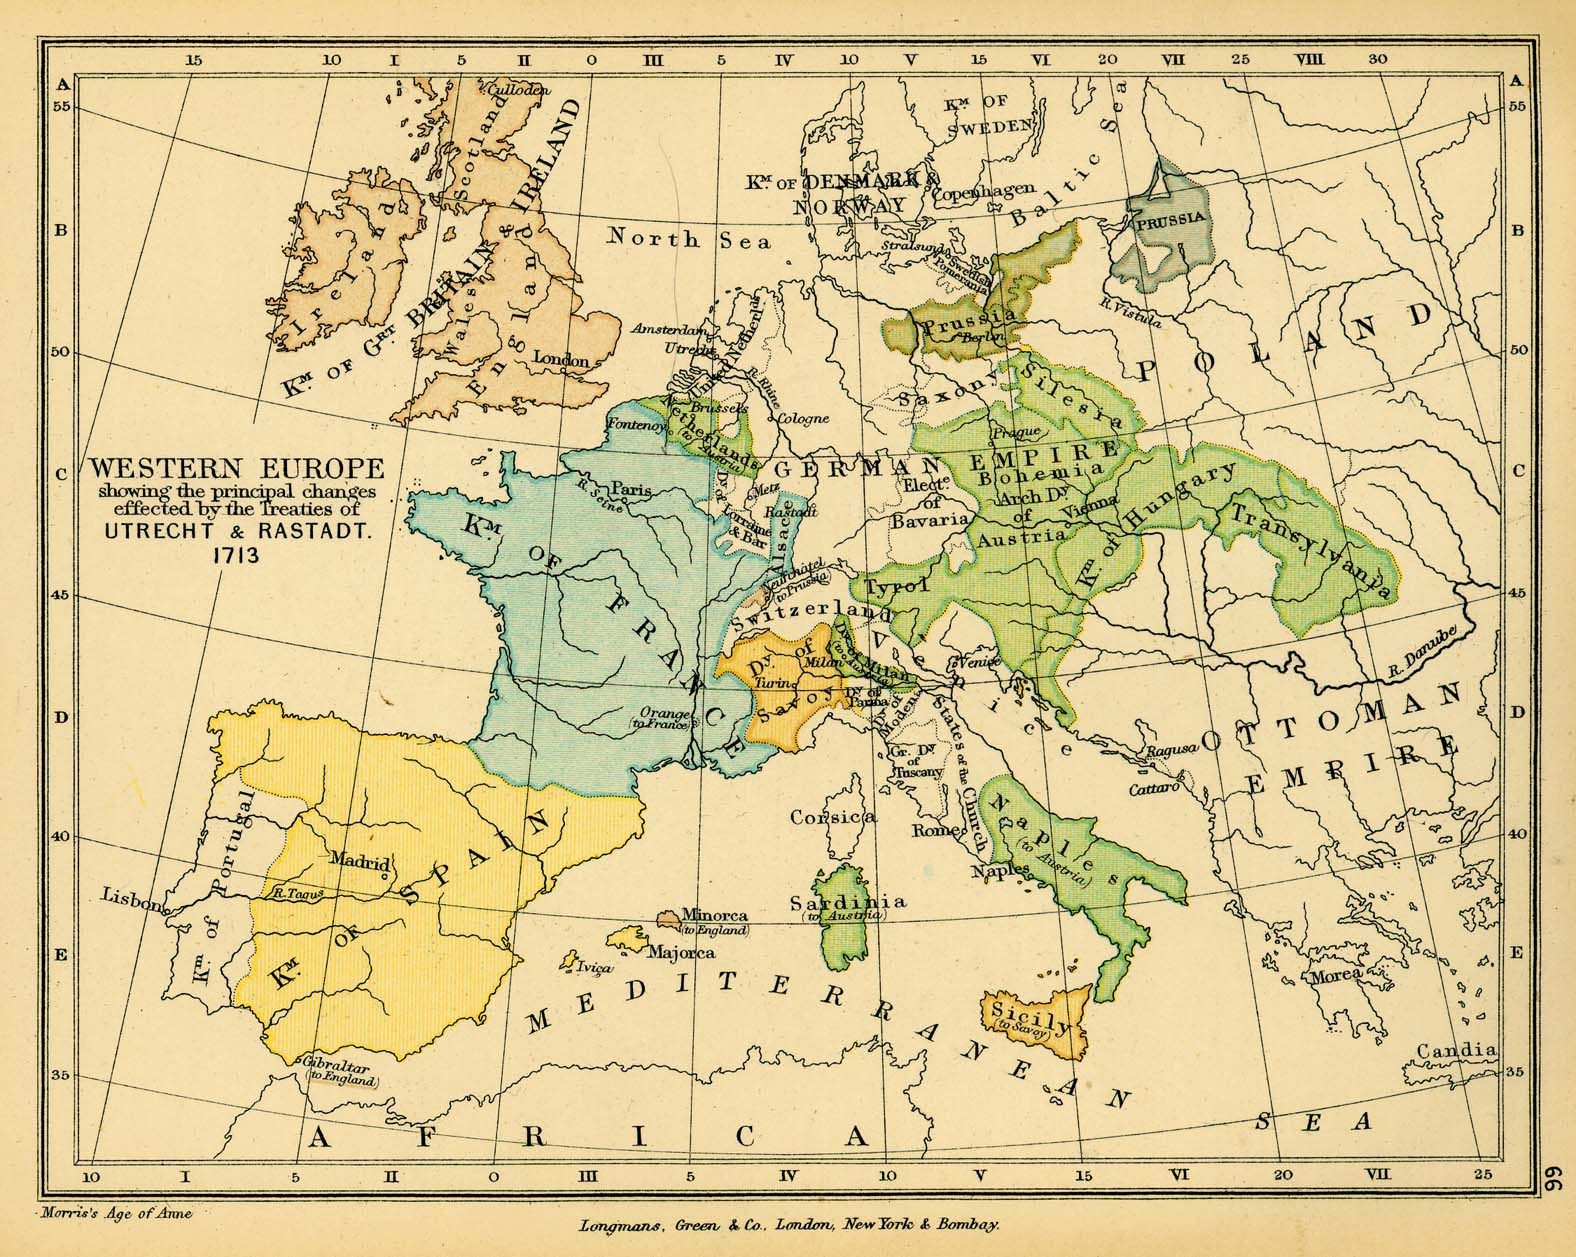 Europa Occidental despues de los Tratados de Utrecht y Rastatt 1713